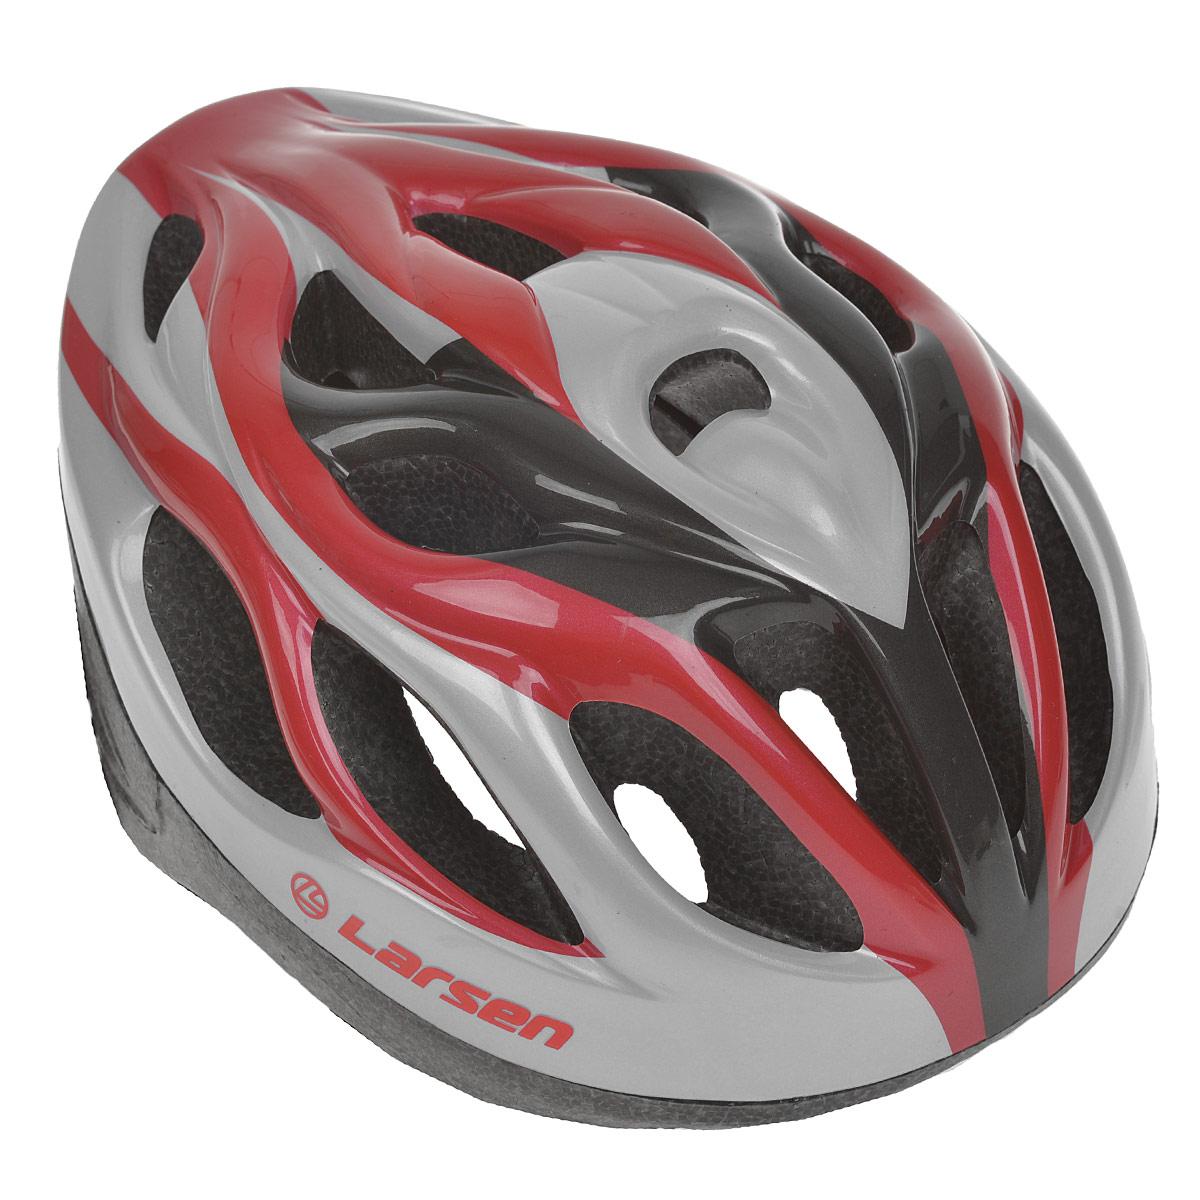 Шлем роликовый Larsen H3BW, цвет: красный, серебристый. Размер L (54-57 см)286910Надежный роликовый шлем Larsen H3BW сделает ваш активный отдых безопасным.Шлем выполнен из прочного пластика и отлично защищает от травм. Внутренняя сторона шлема оснащена мягкими текстильными накладками, которые обеспечивают надежное прилегание шлема и комфорт при использовании. Шлем имеет систему систему вентиляции. Он отлично сядет по голове, благодаря регулируемым ремешкам и практичному механическому регулятору.Роликовый шлем станет незаменимым дополнением для полноценного летнего отдыха и занятия активными видами спорта.